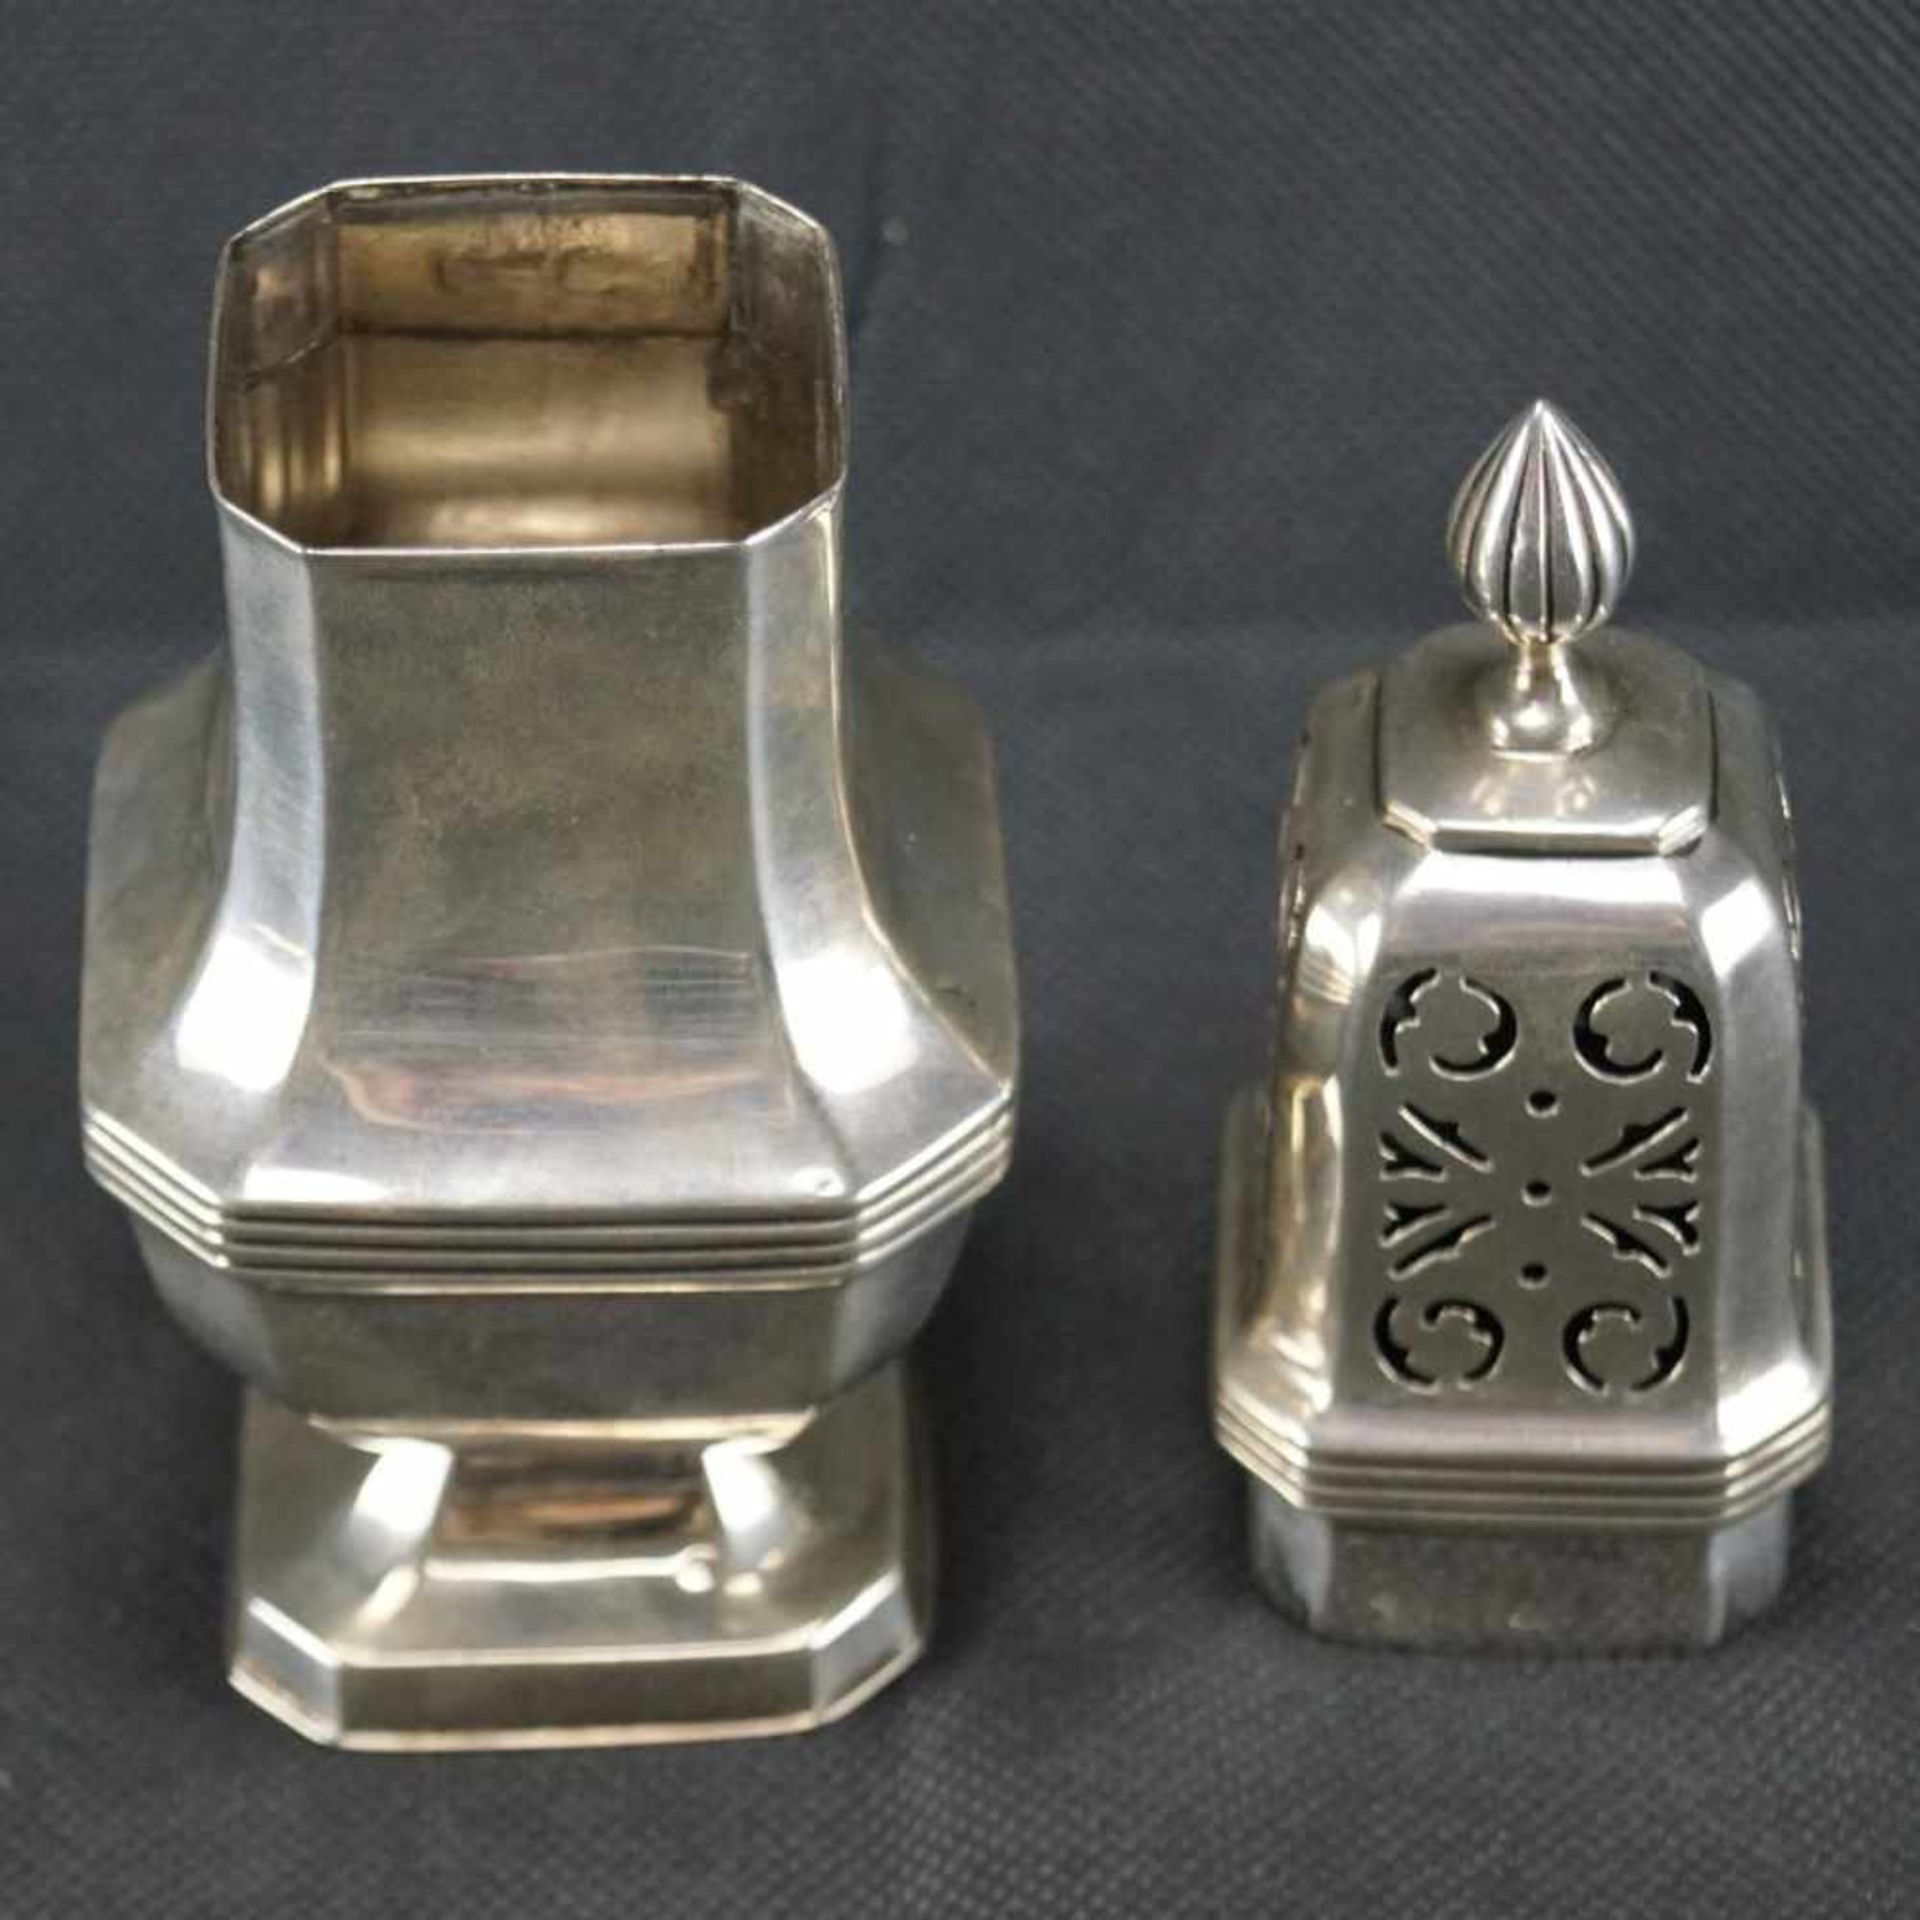 Zuckerstreuer, EnglandSterling Silber, London, Richard Woodman Burbridge, 1936, gepunzt, Höhe 18,5 - Bild 2 aus 3